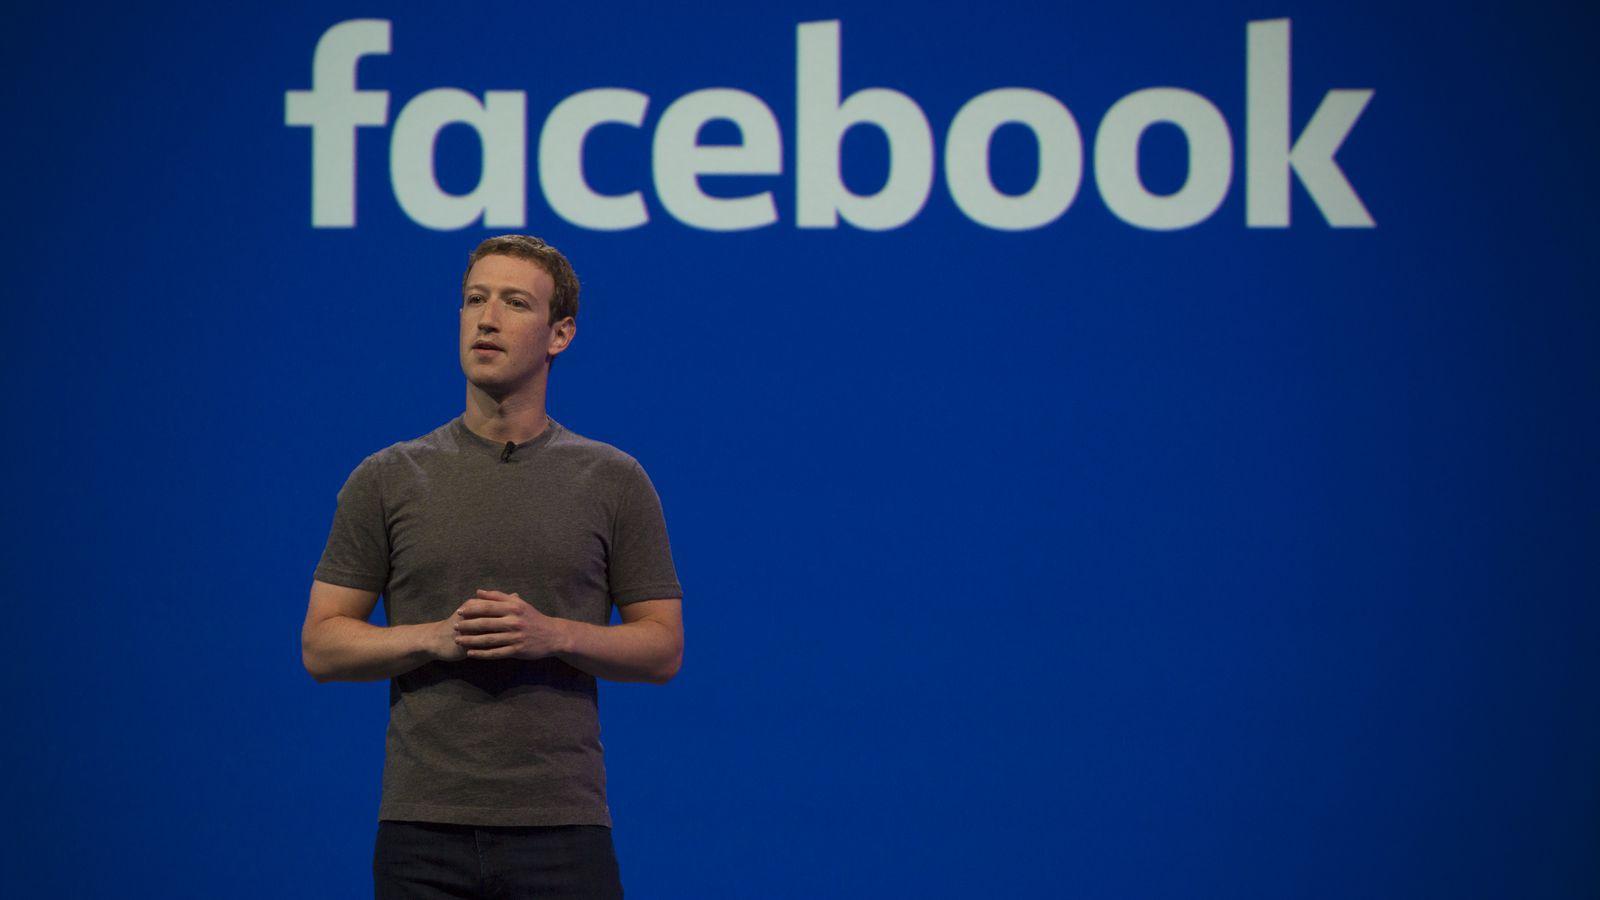 Kế hoạch khó thành của Mark Zuckerberg